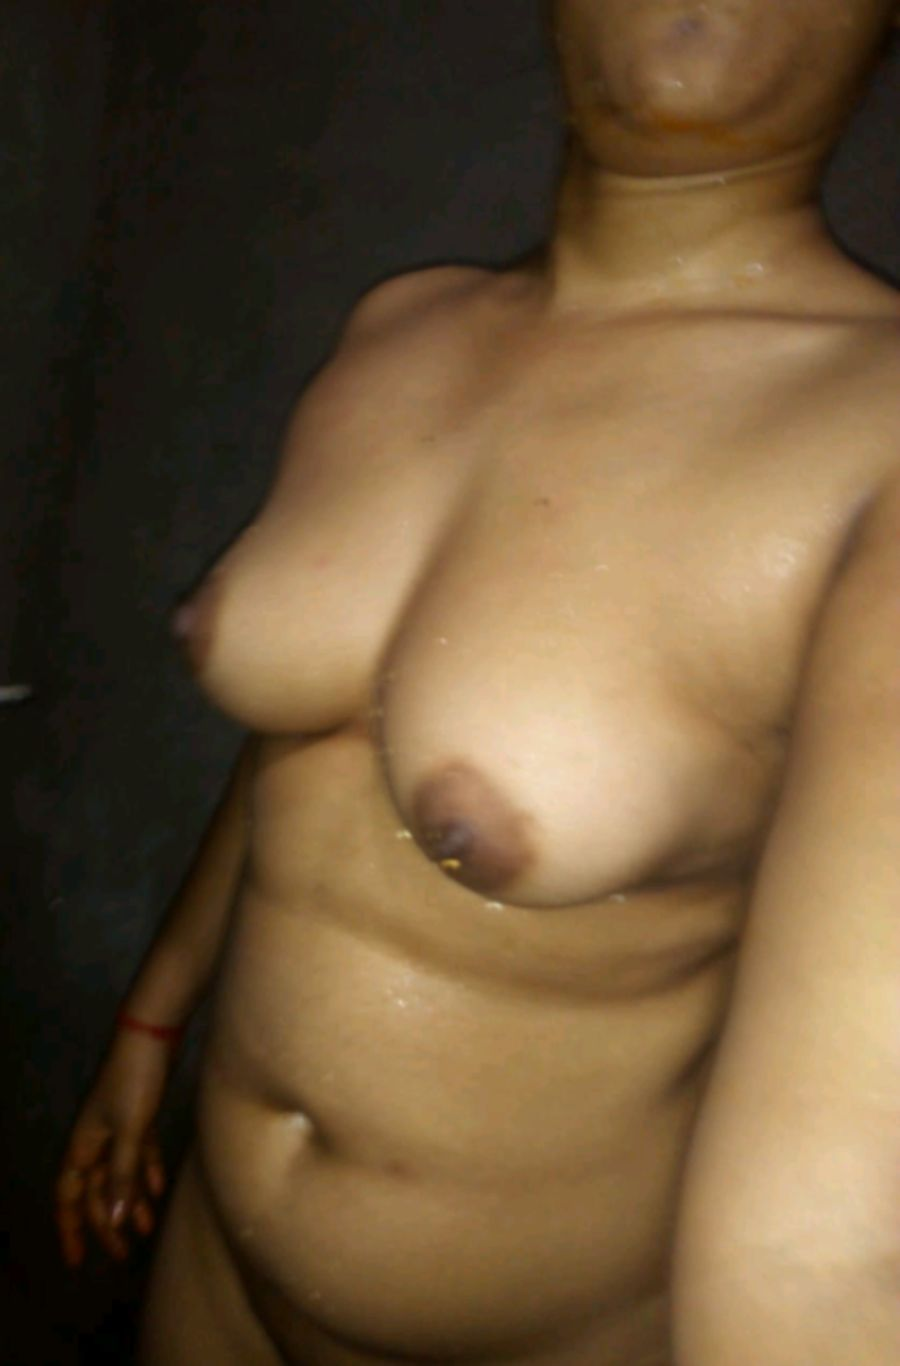 Indian girl ki juicy boobs ki photos